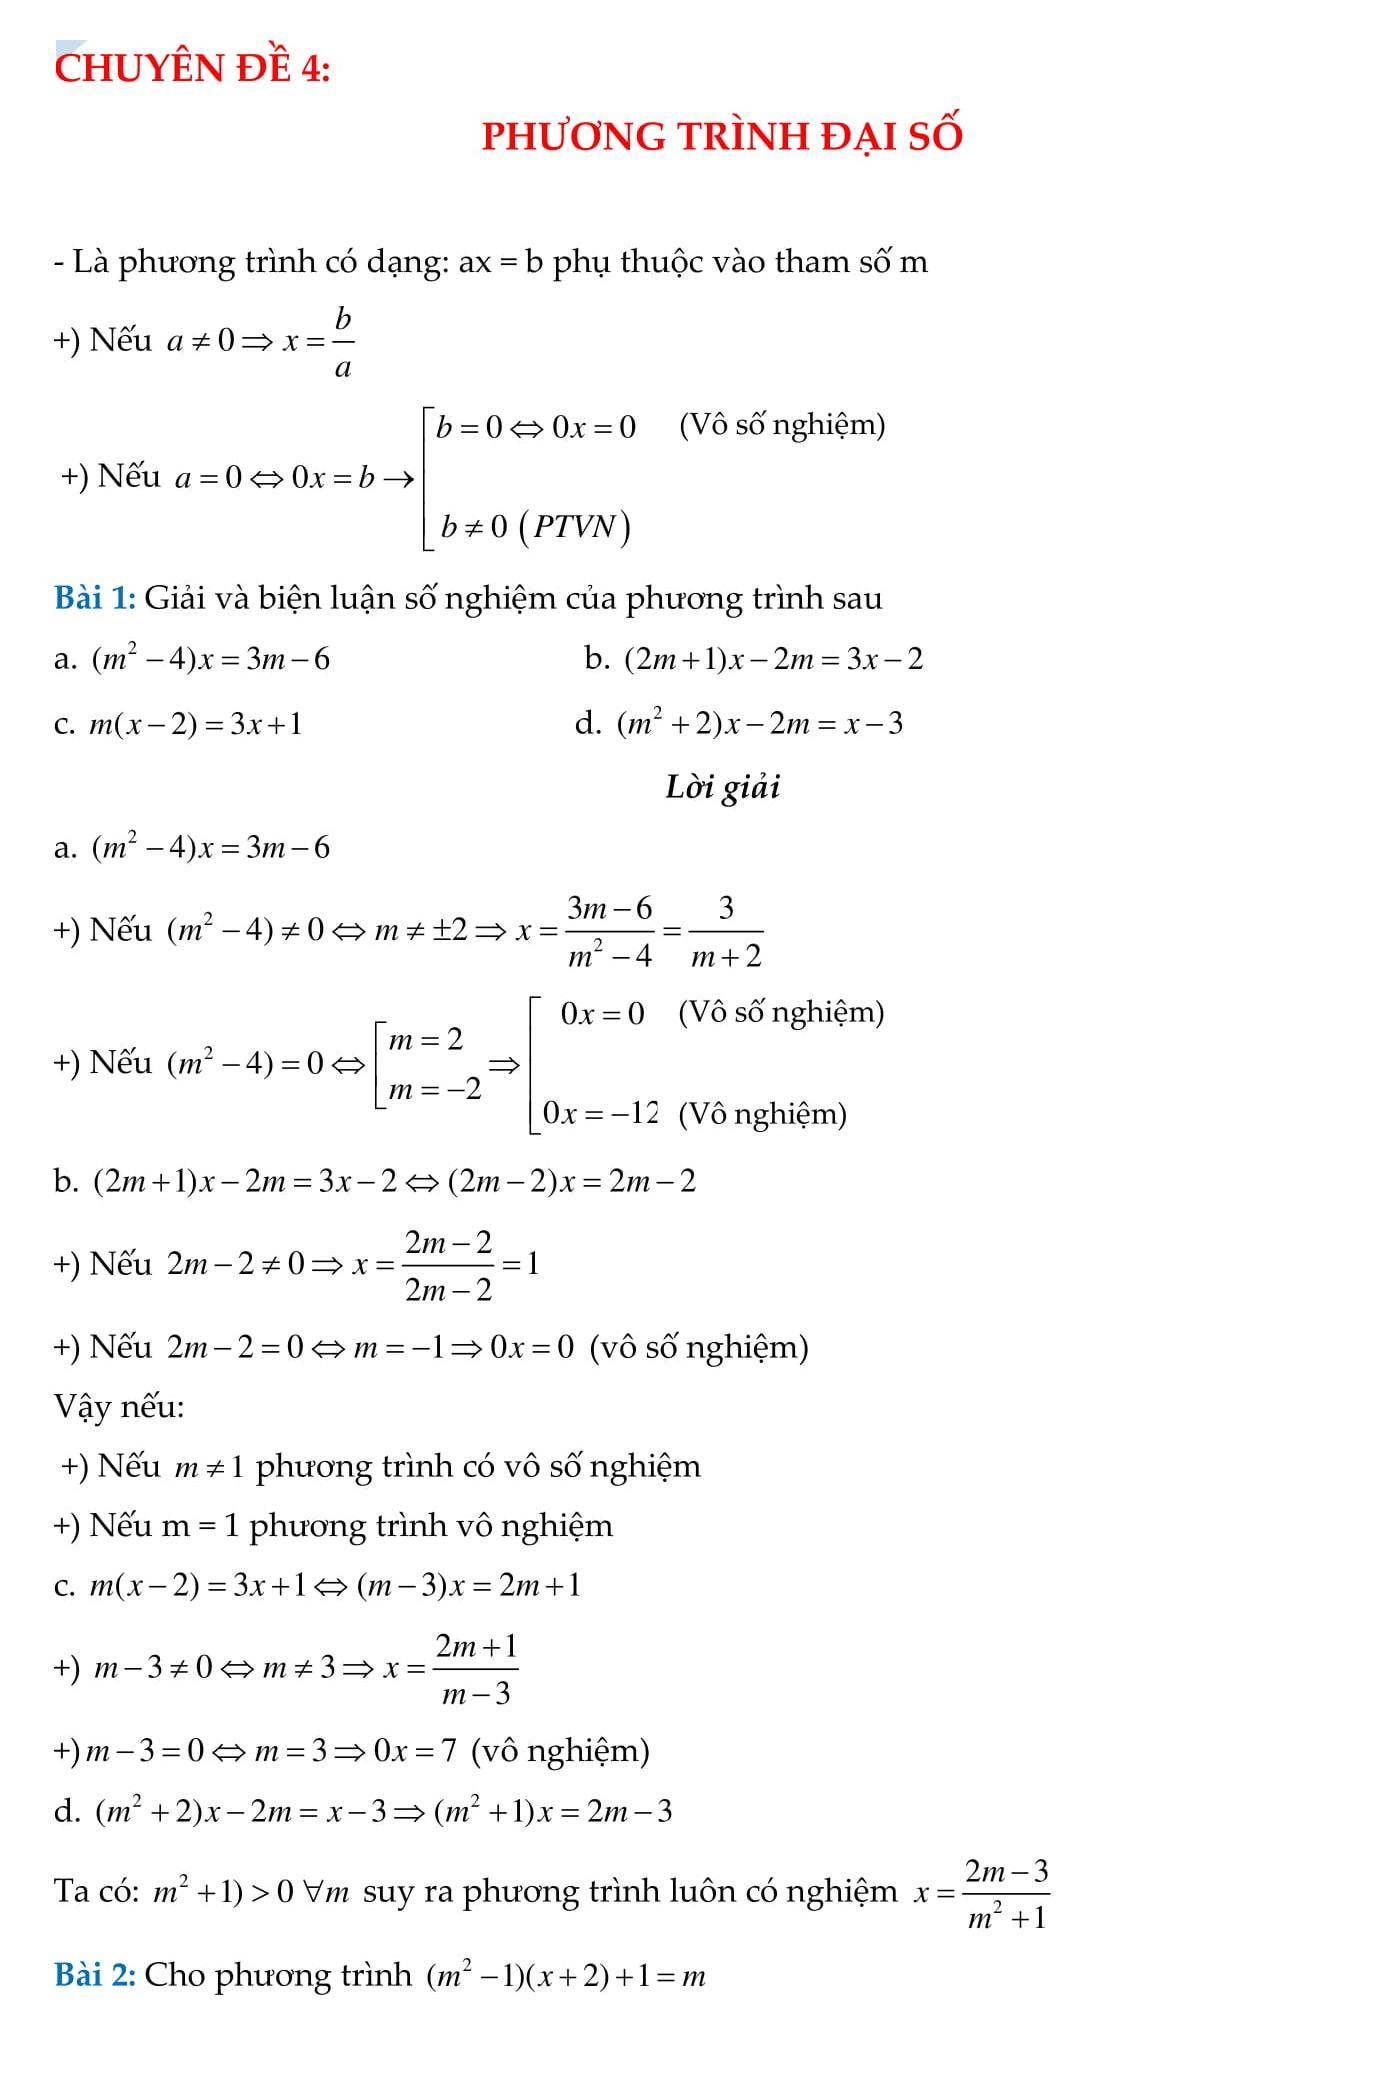 Đề cương HK2 Toán 8 (hình học + đại số) tổng hợp chi tiết